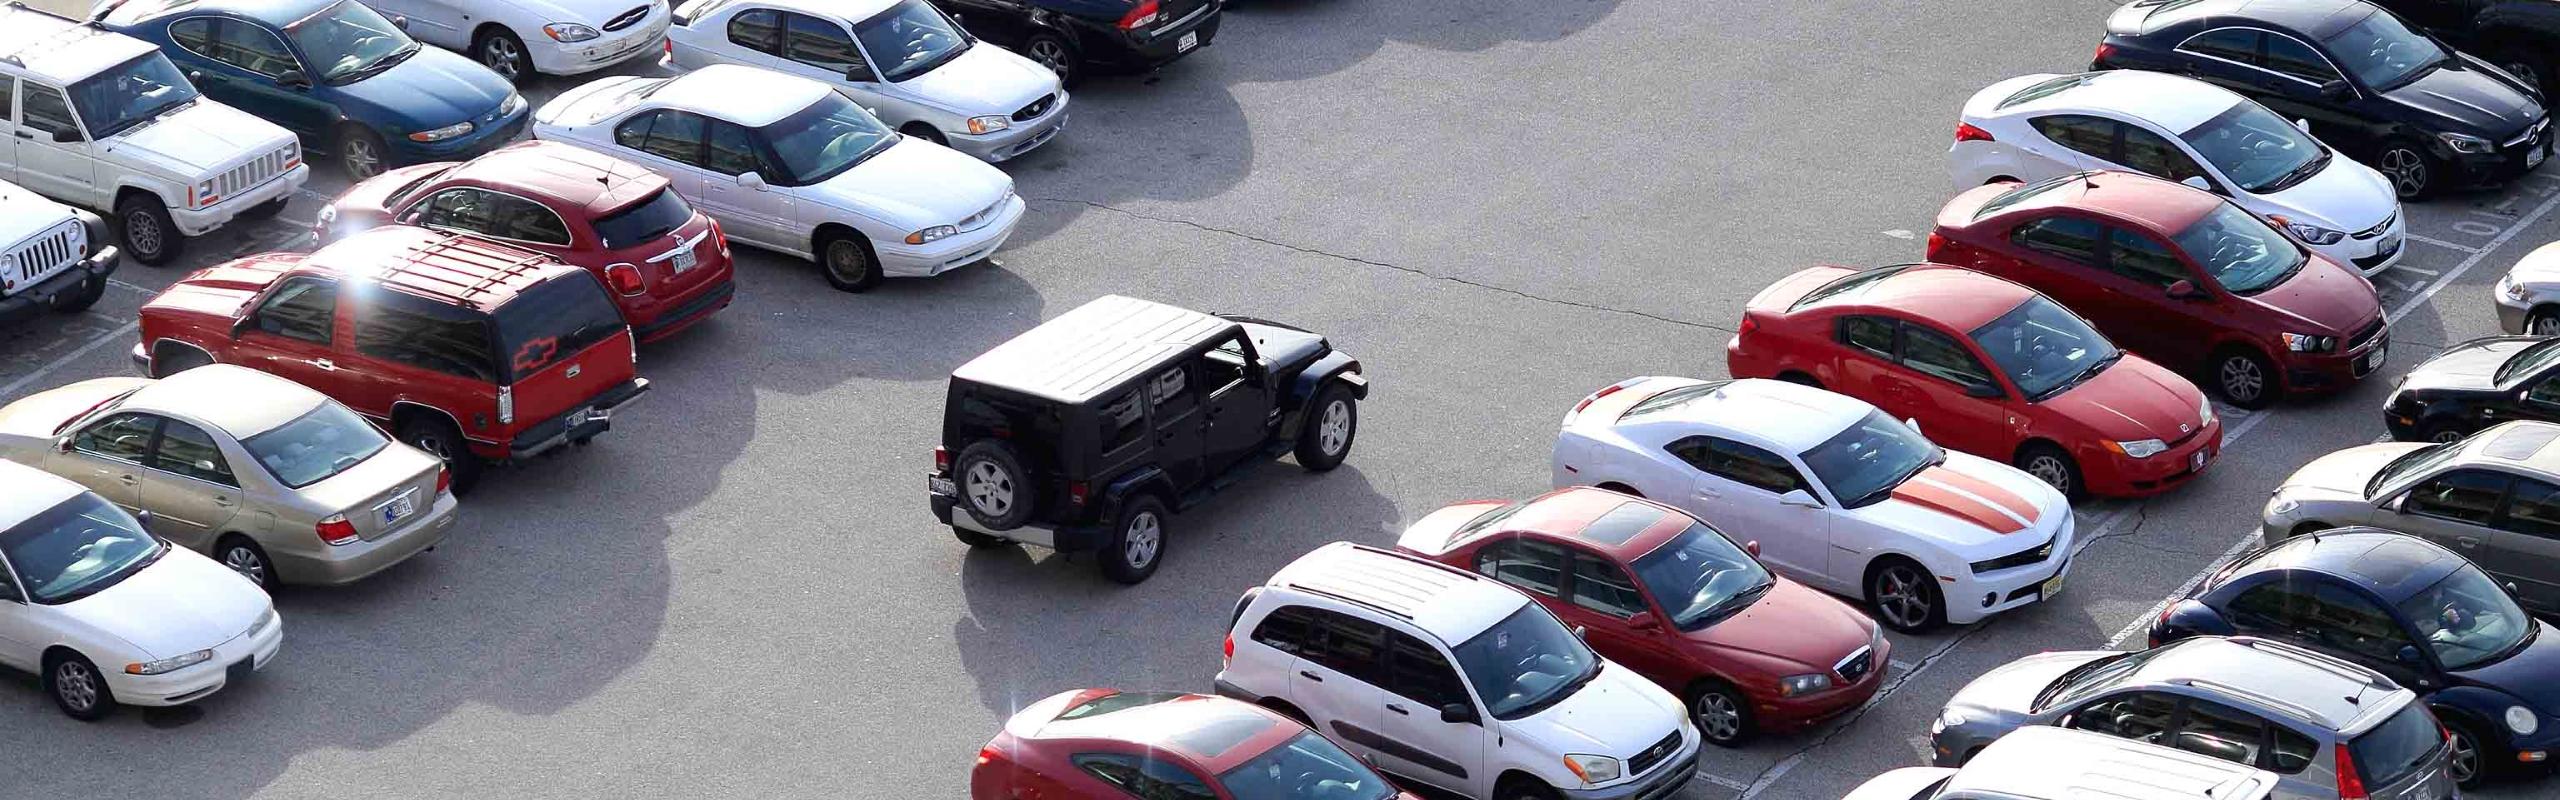 Интернет-сервис для водителей (поиск и оплата парковочных мест)